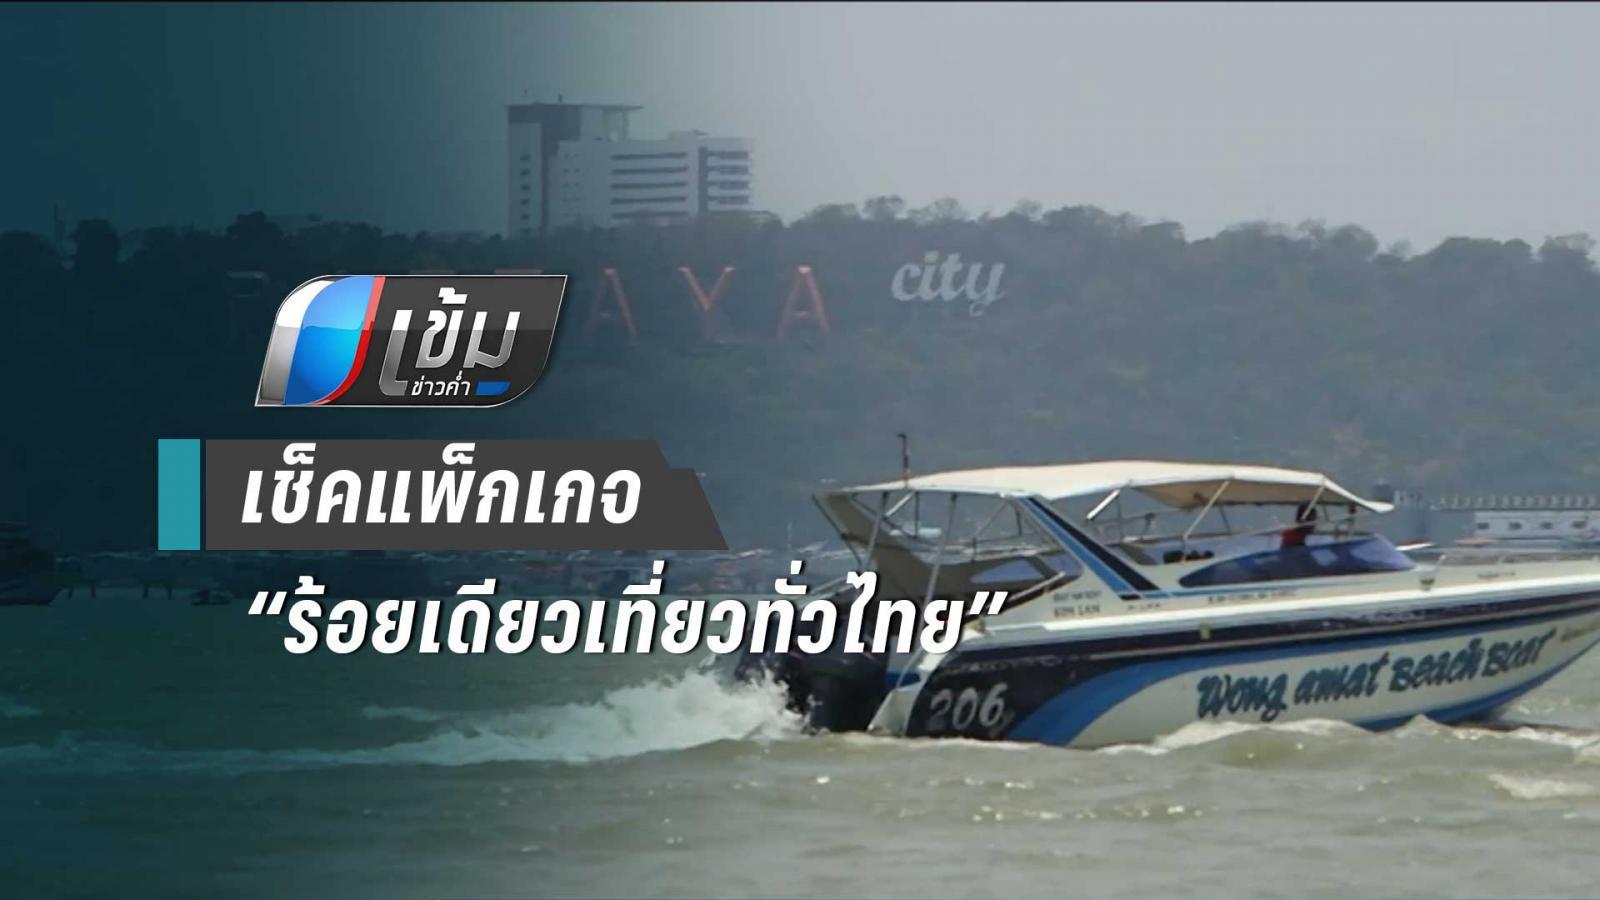 """1 พ.ย.นี้ เปิดเช็คแพ็กเกจ """"ร้อยเดียวเที่ยวทั่วไทย"""""""